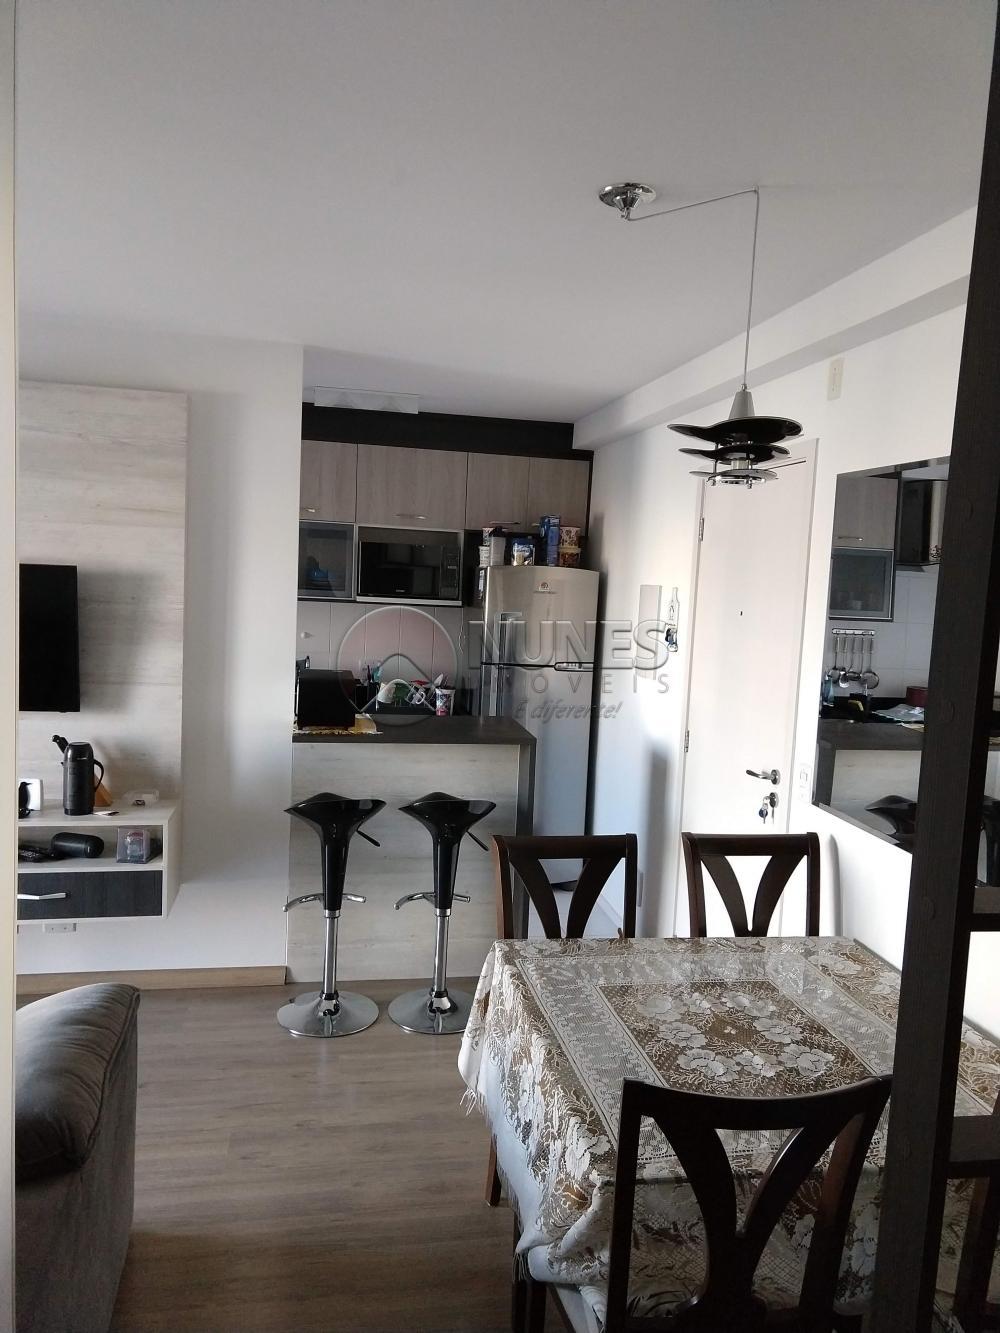 Comprar Apartamento / Padrão em Osasco apenas R$ 310.000,00 - Foto 5